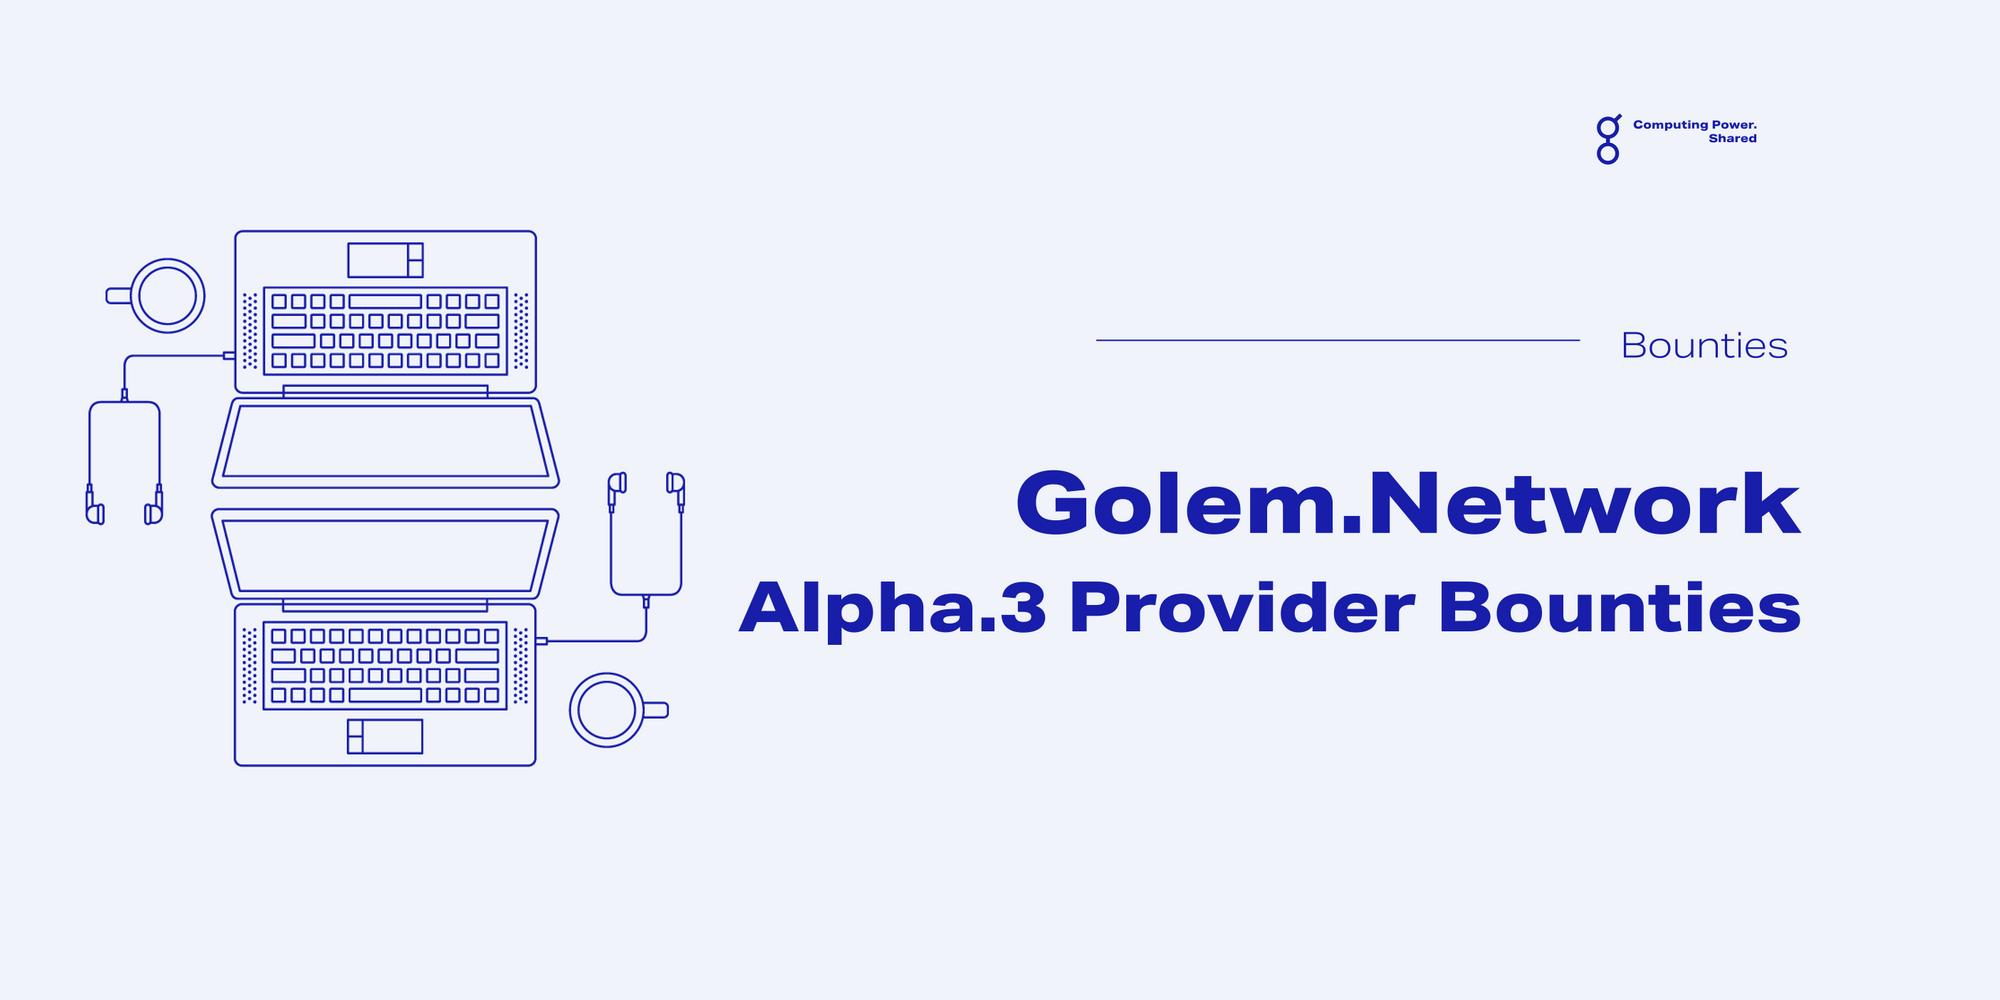 Golem Alpha.3 Provider Bounties